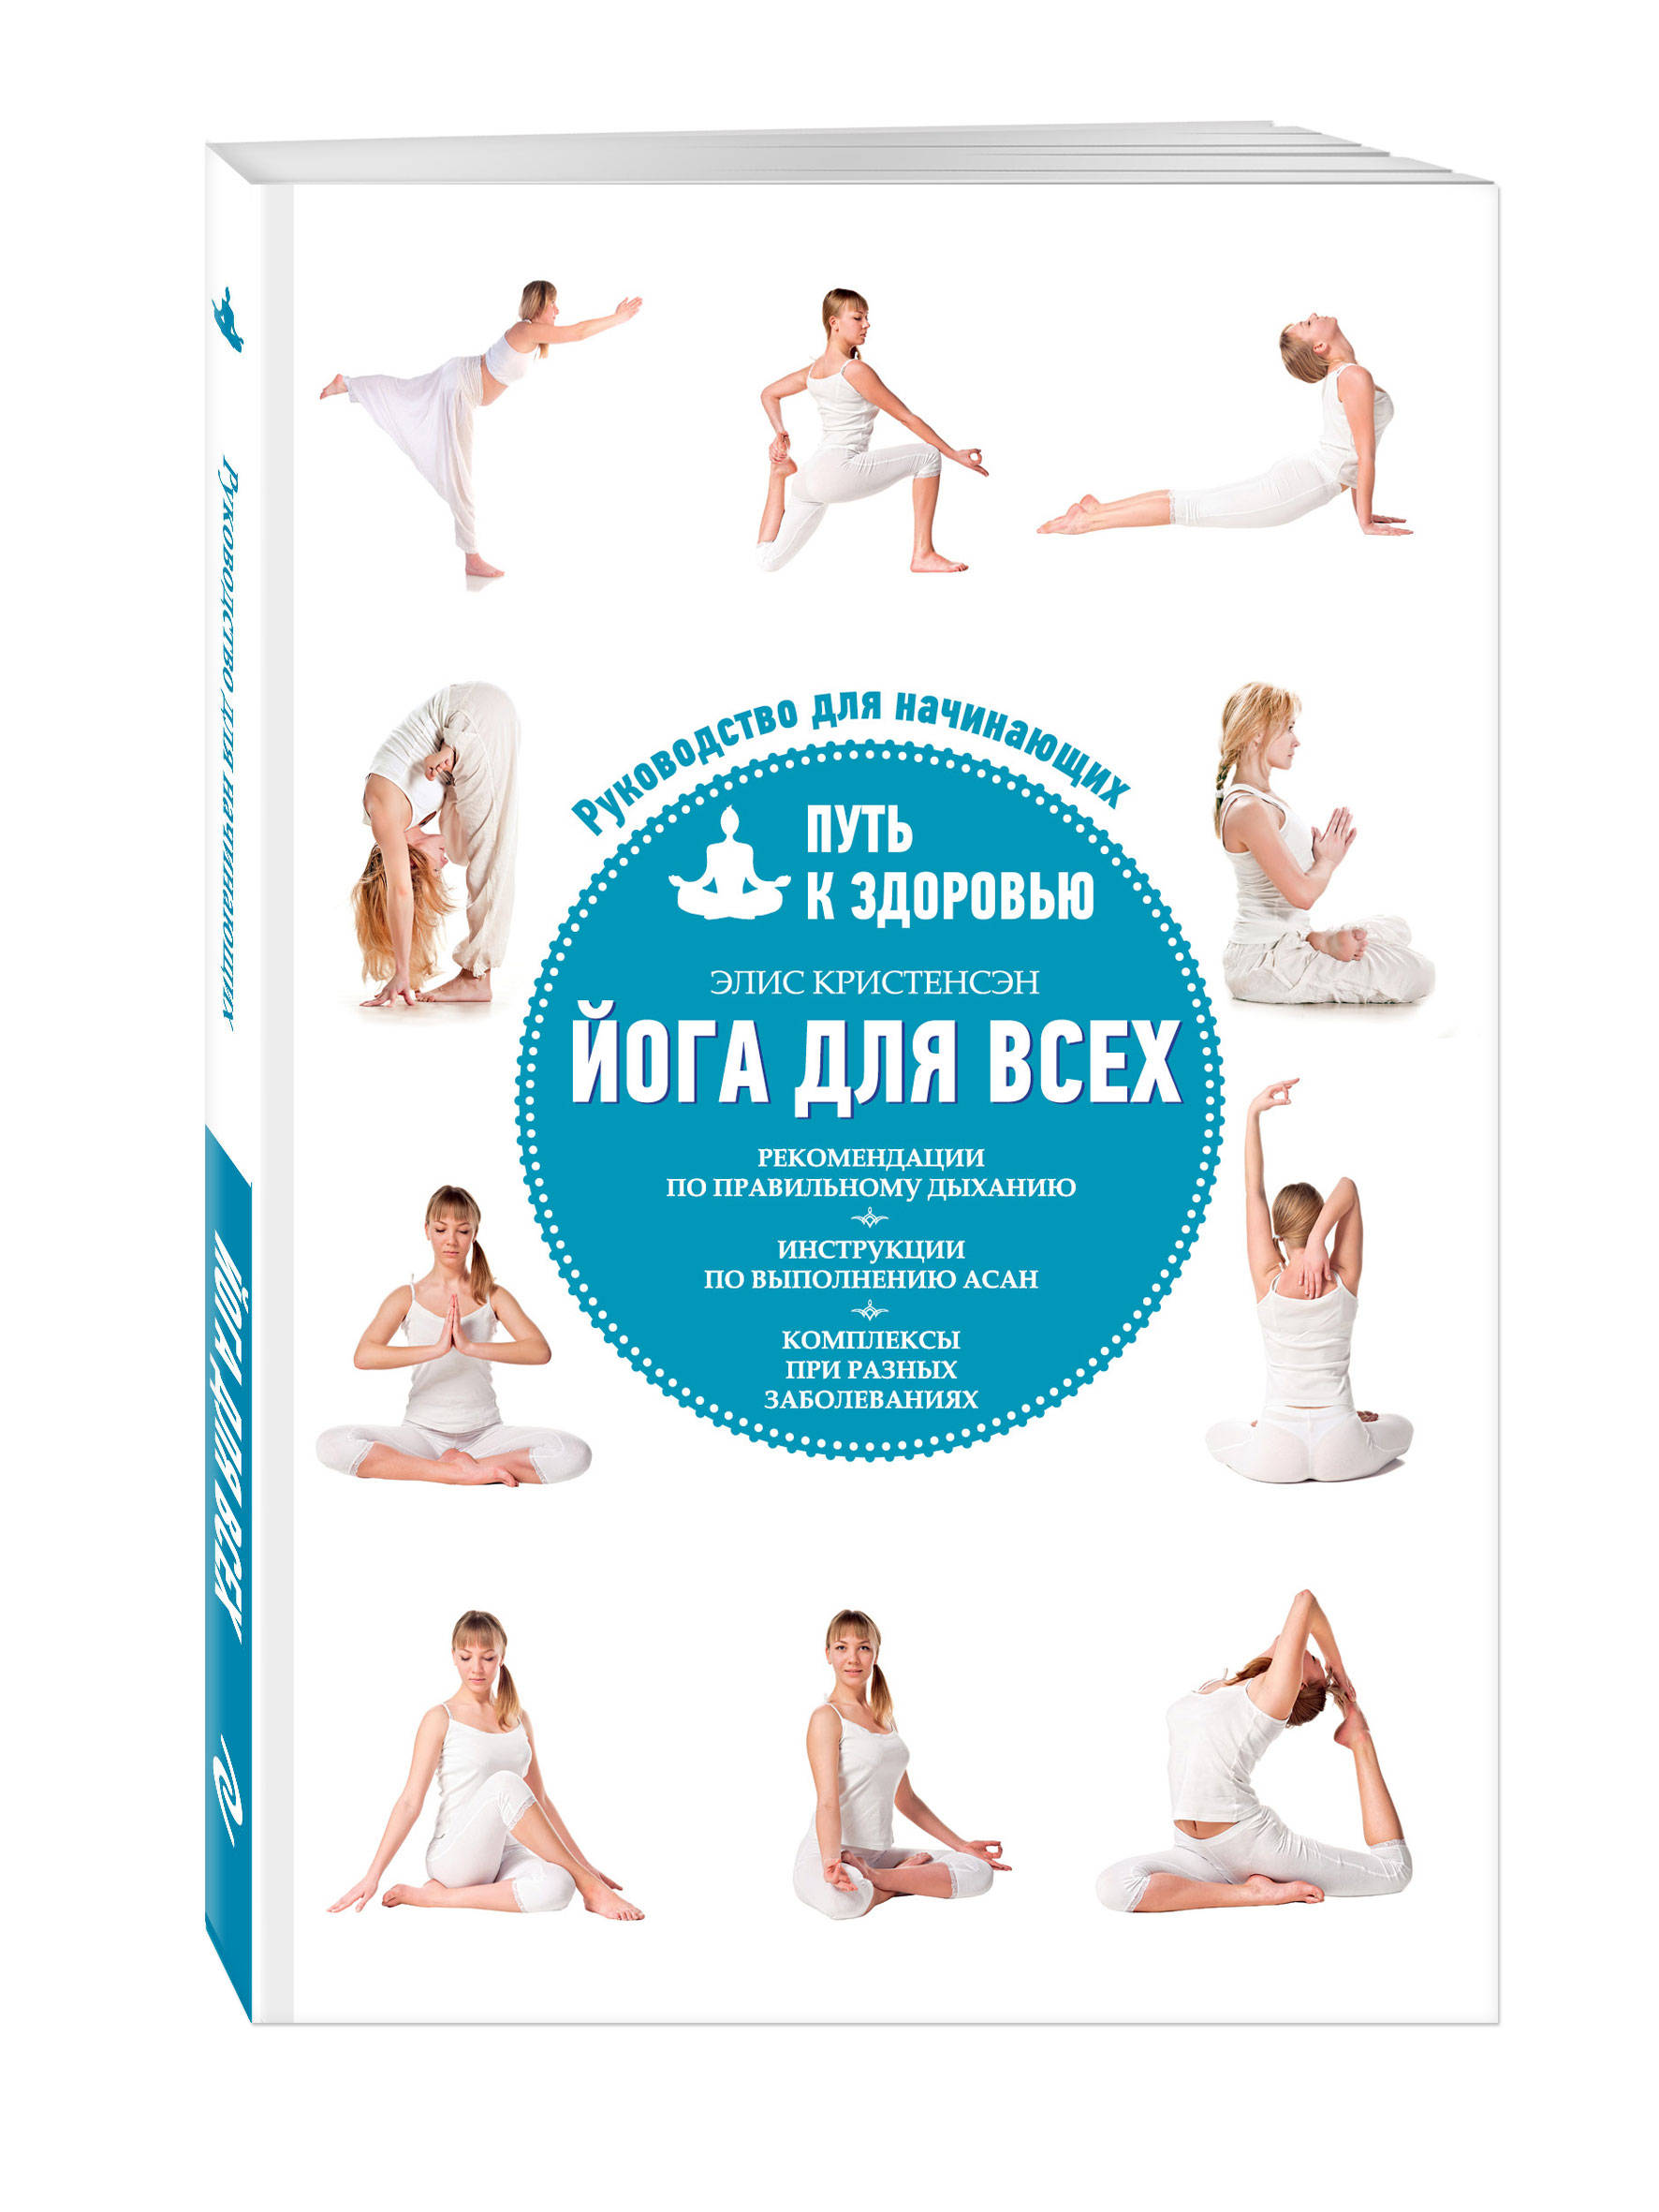 Кристенсэн Э. Йога для всех: путь к здоровью йога для всех путь к здоровью